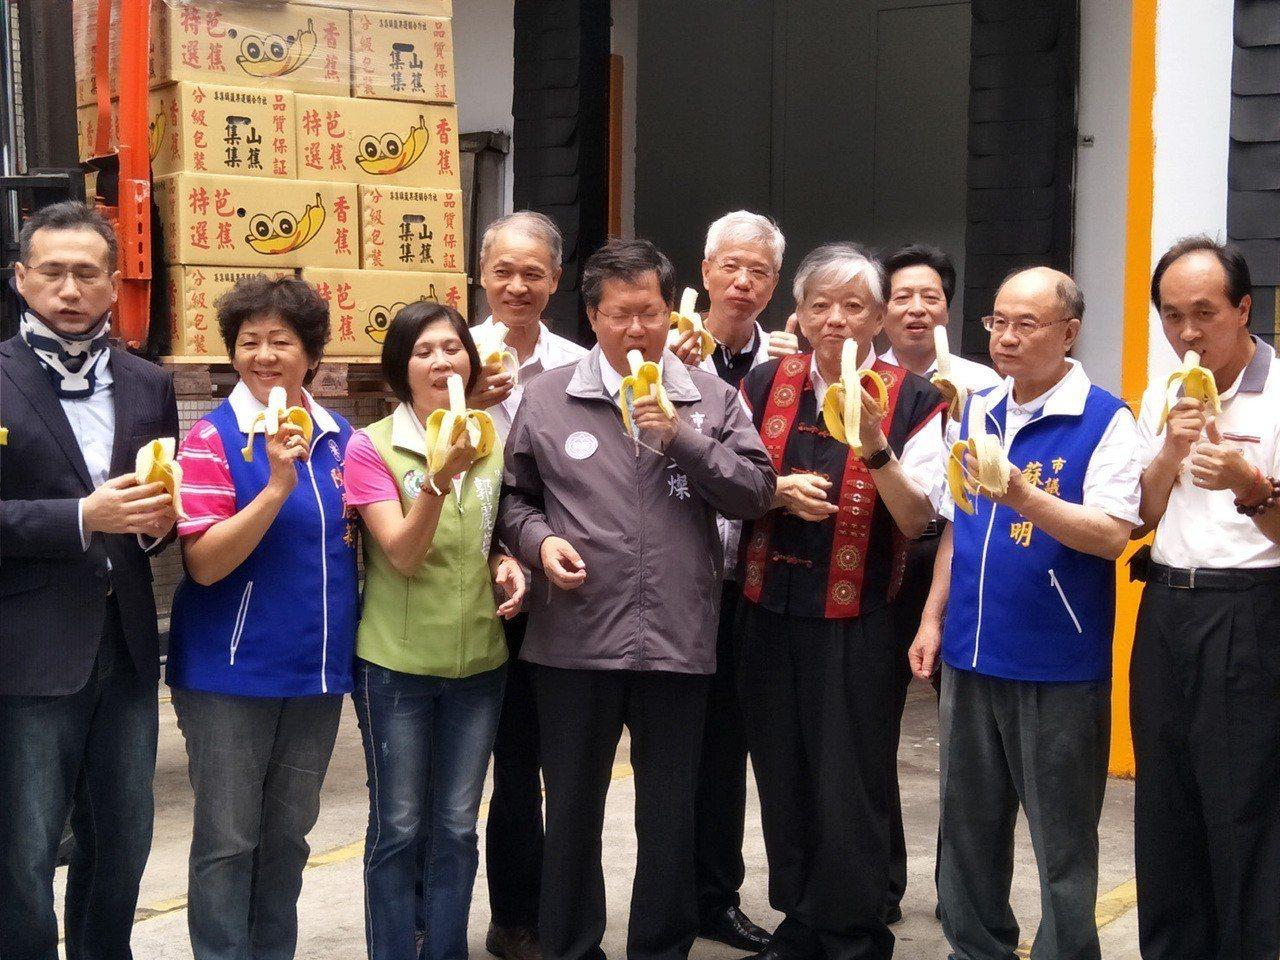 義美食品「力挺台灣農民」,桃園市長鄭文燦(左五)及立委民代現場吃香蕉力挺。記者曾...